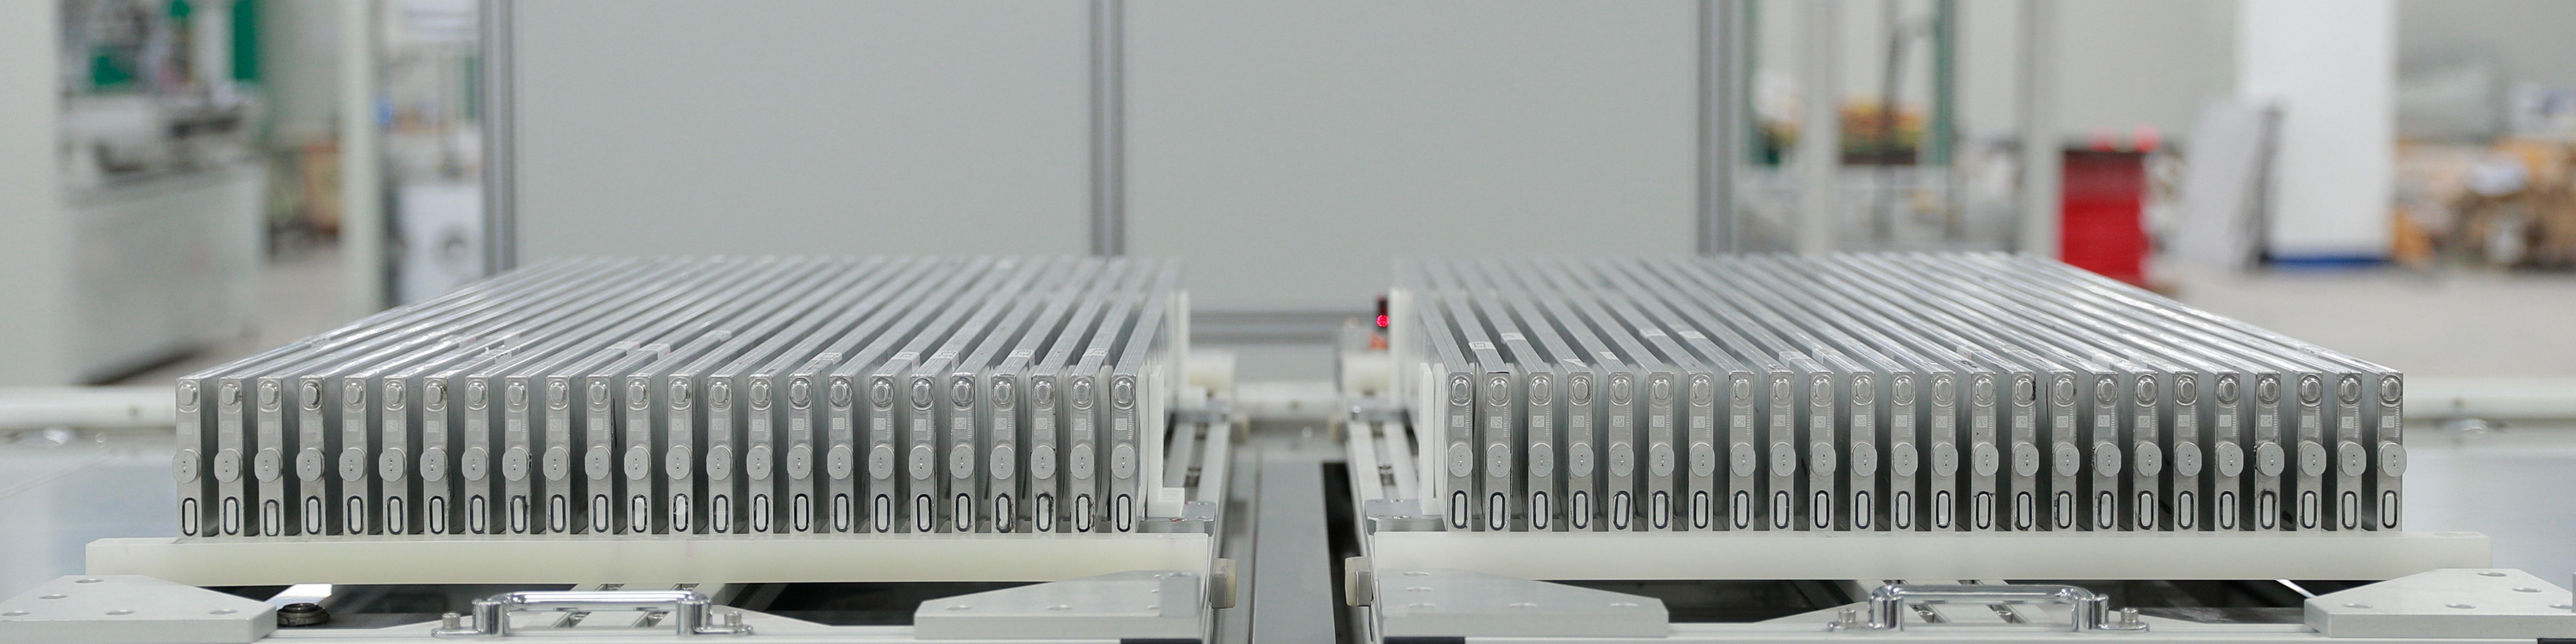 四车齐发,佩刀·安天下-比亚迪宣布纯电全系搭载刀片电池